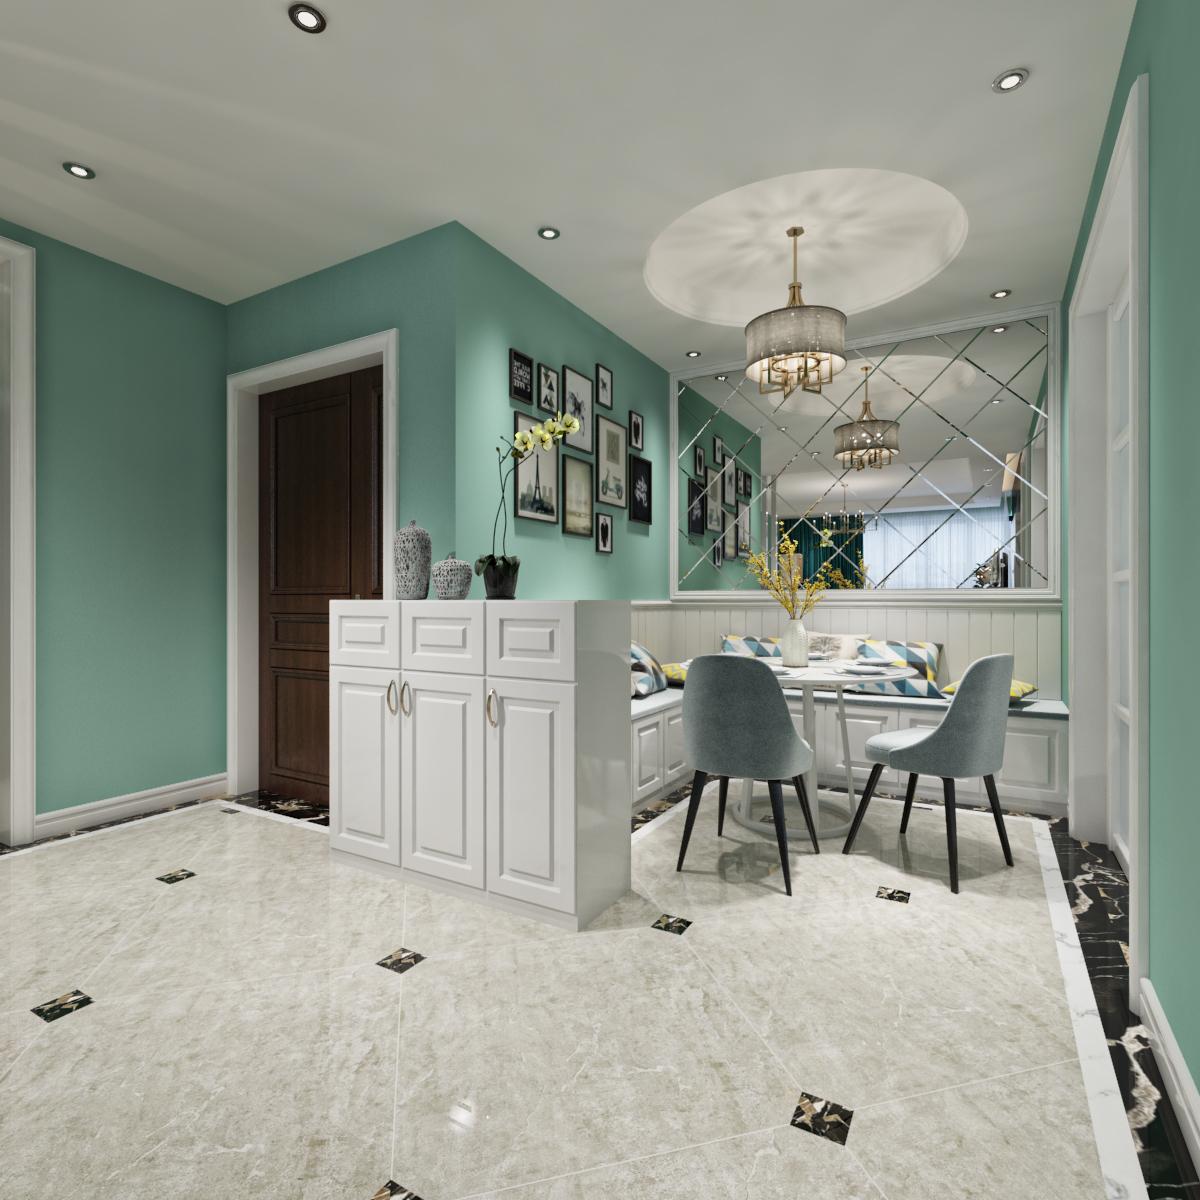 120平米现代美式风格效果图 清蓝之色